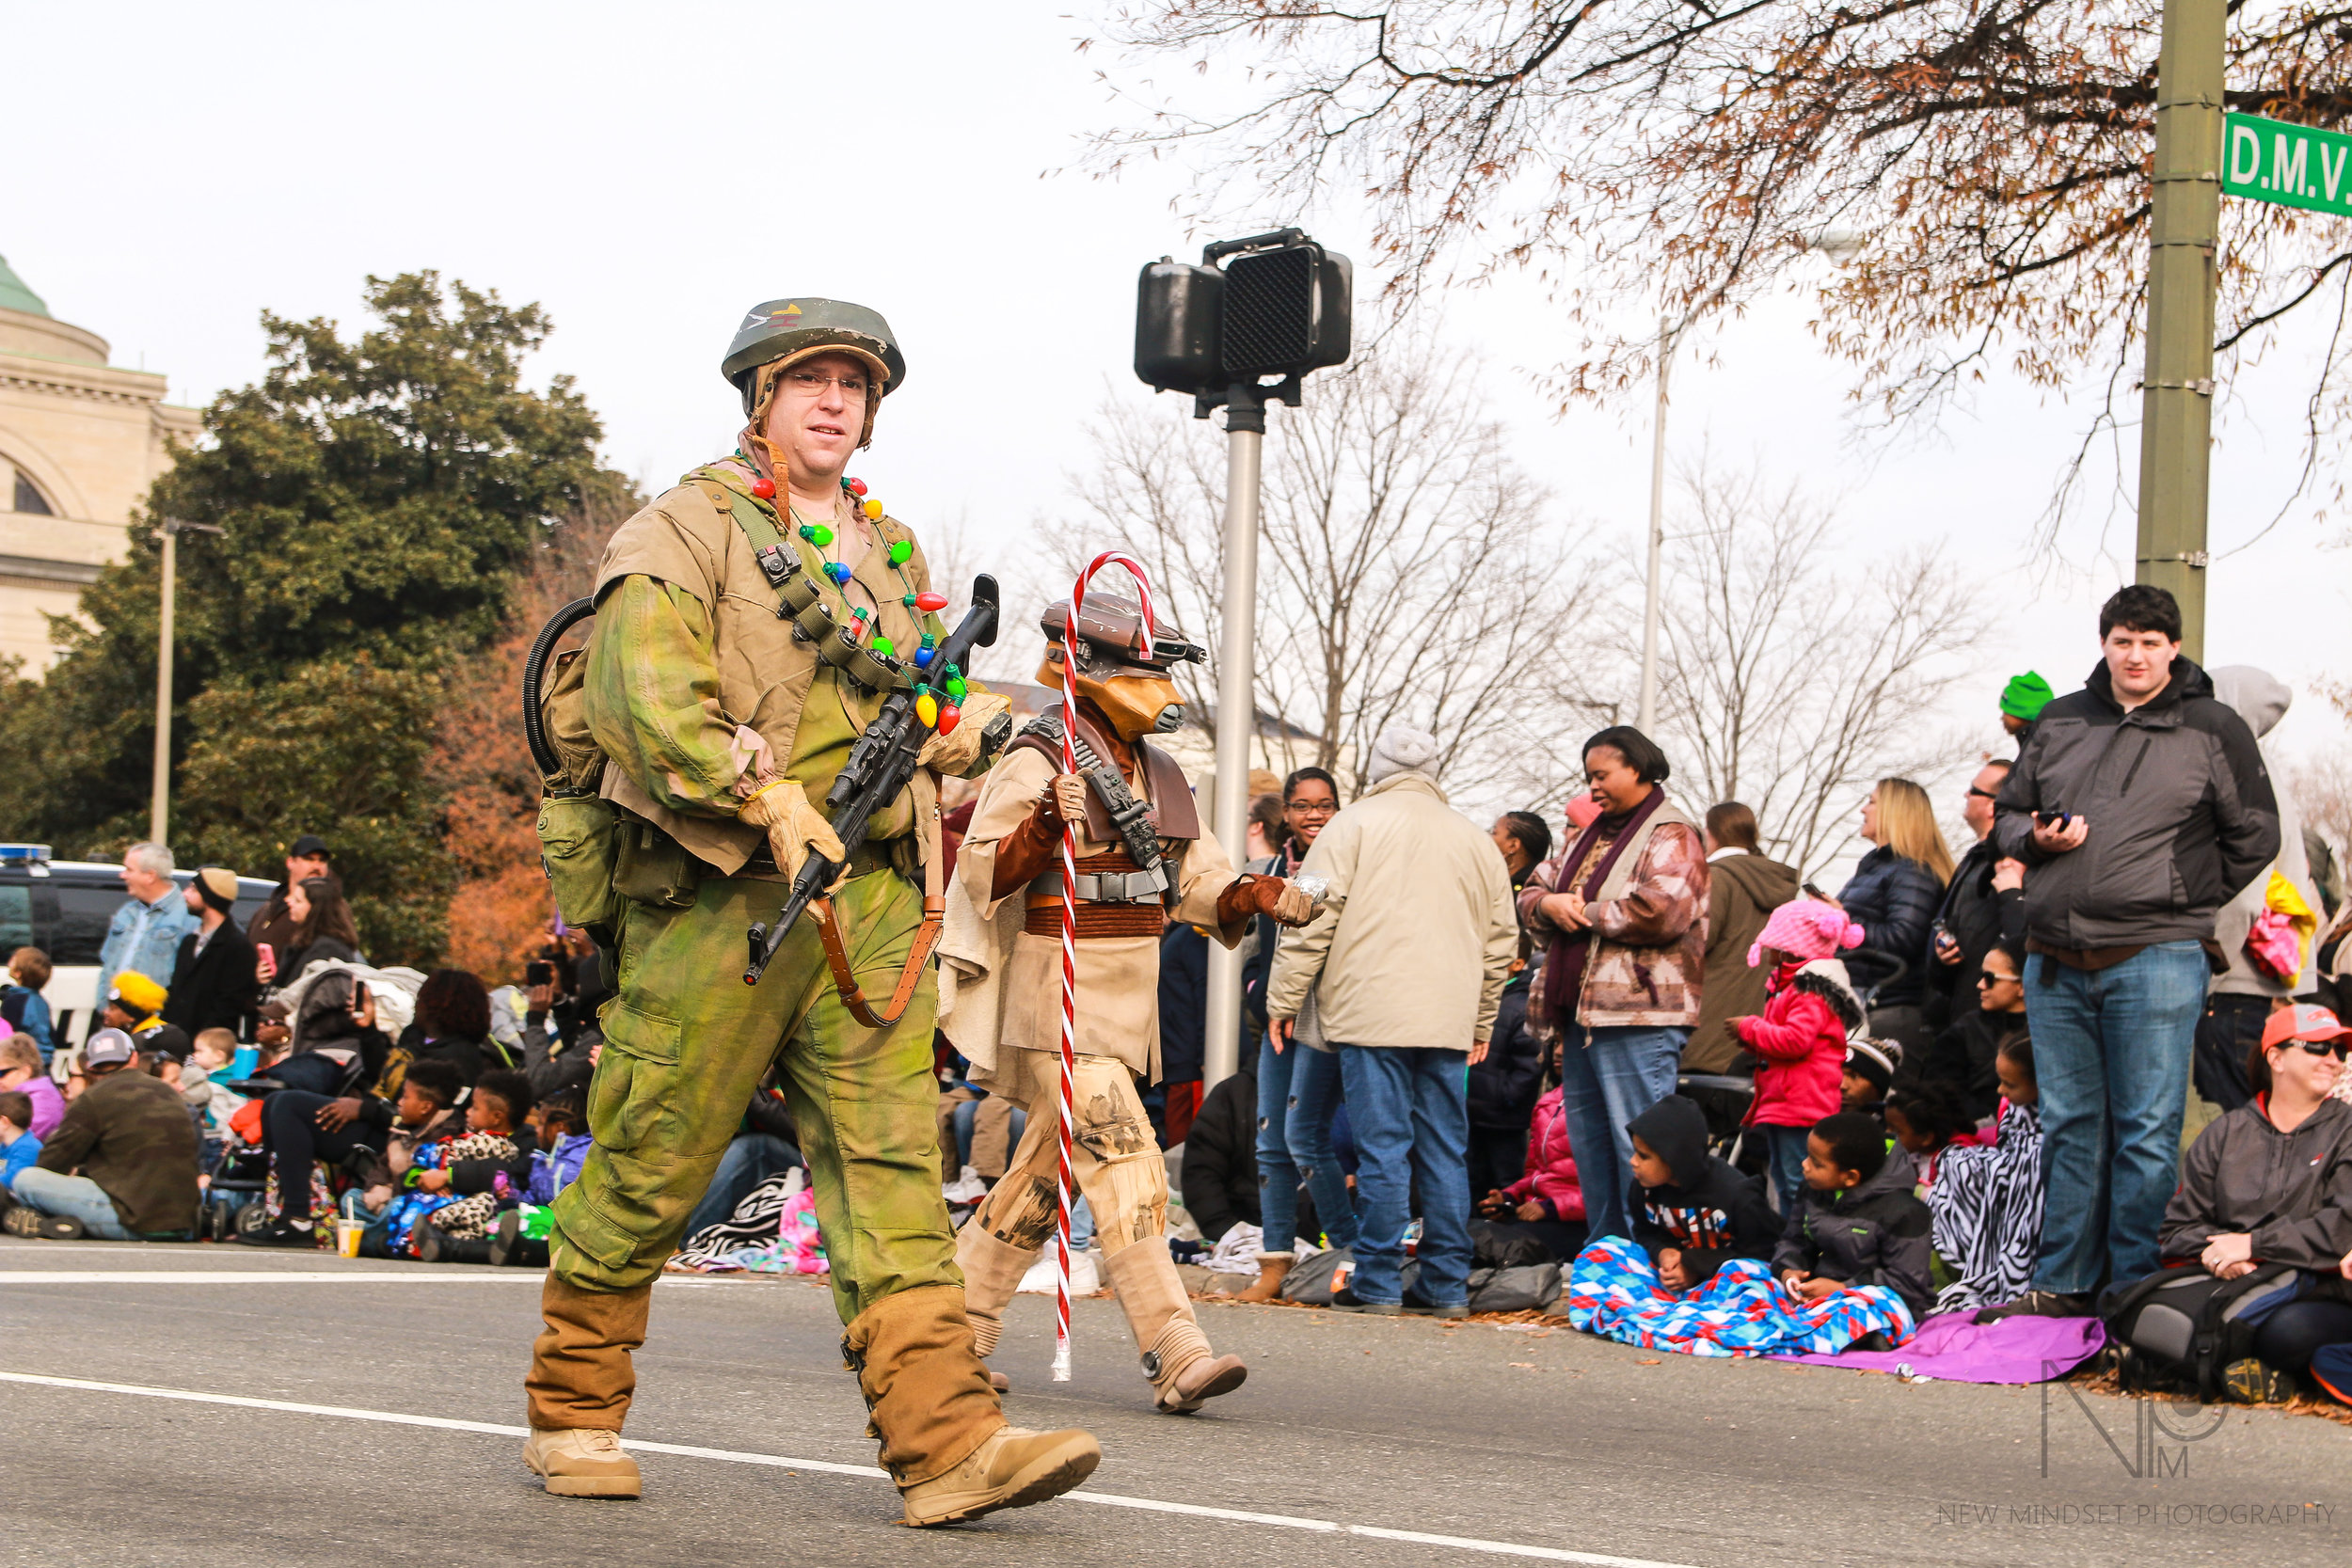 christparade17-24.jpg